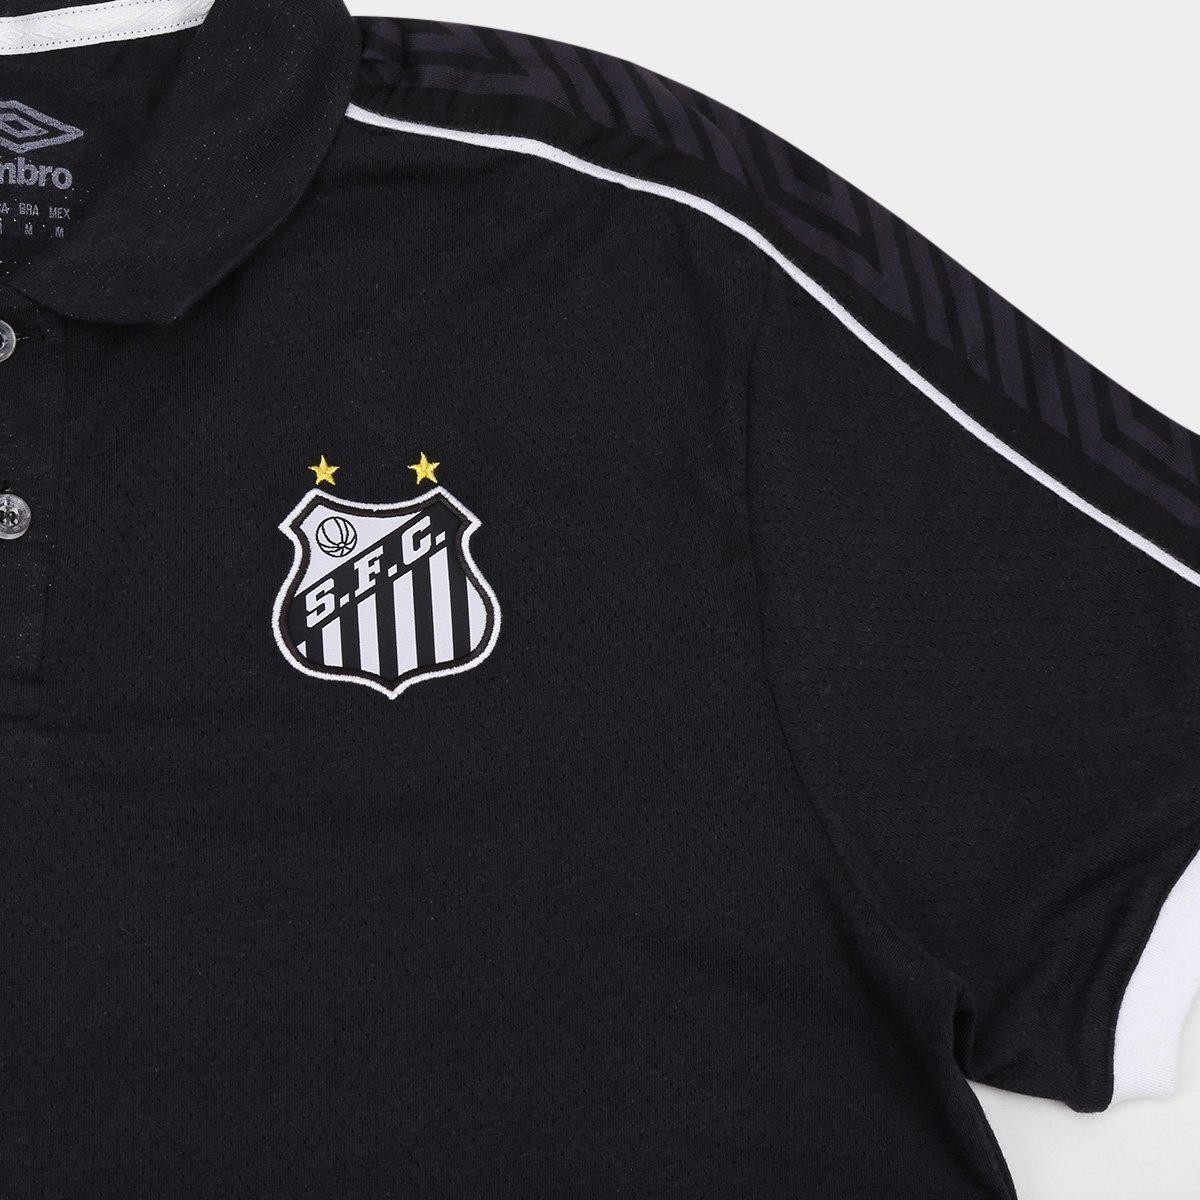 Camisa Polo Santos 2019 Viagem Umbro Masculina - Preto e Branco ... 27e7c2891d2ef